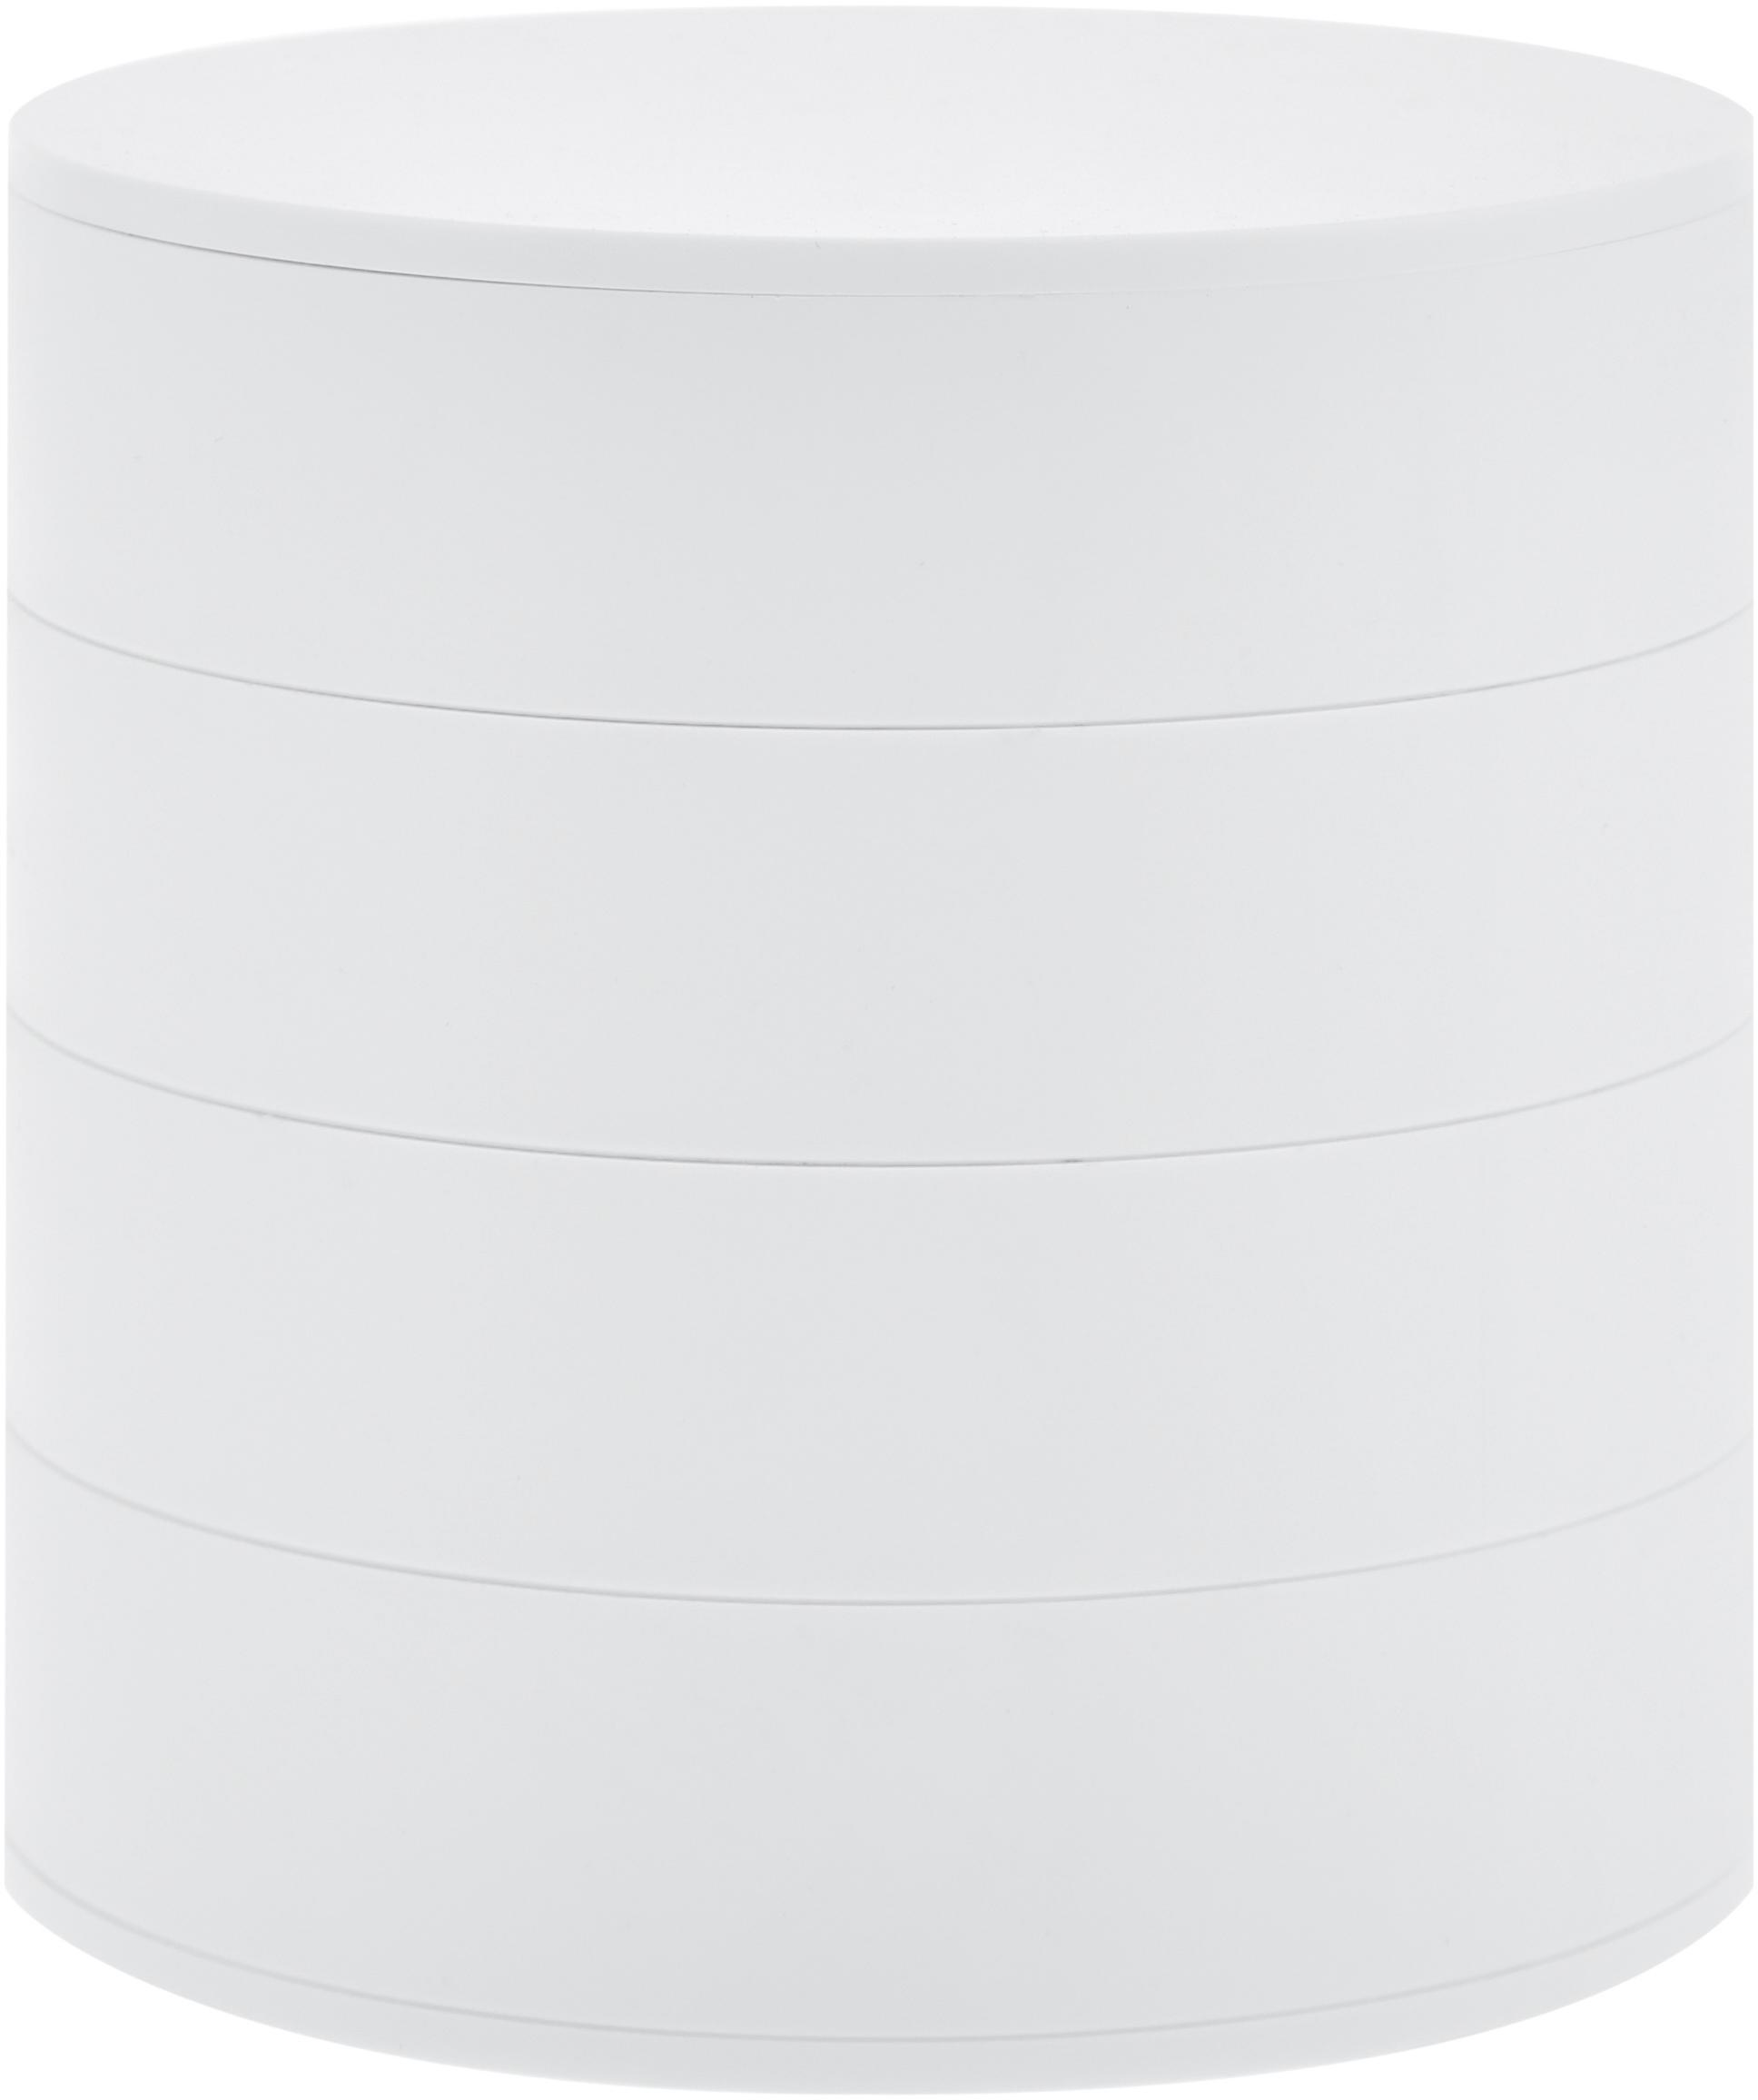 Joyero Tower, Blanco, Ø 10 x Al 10 cm